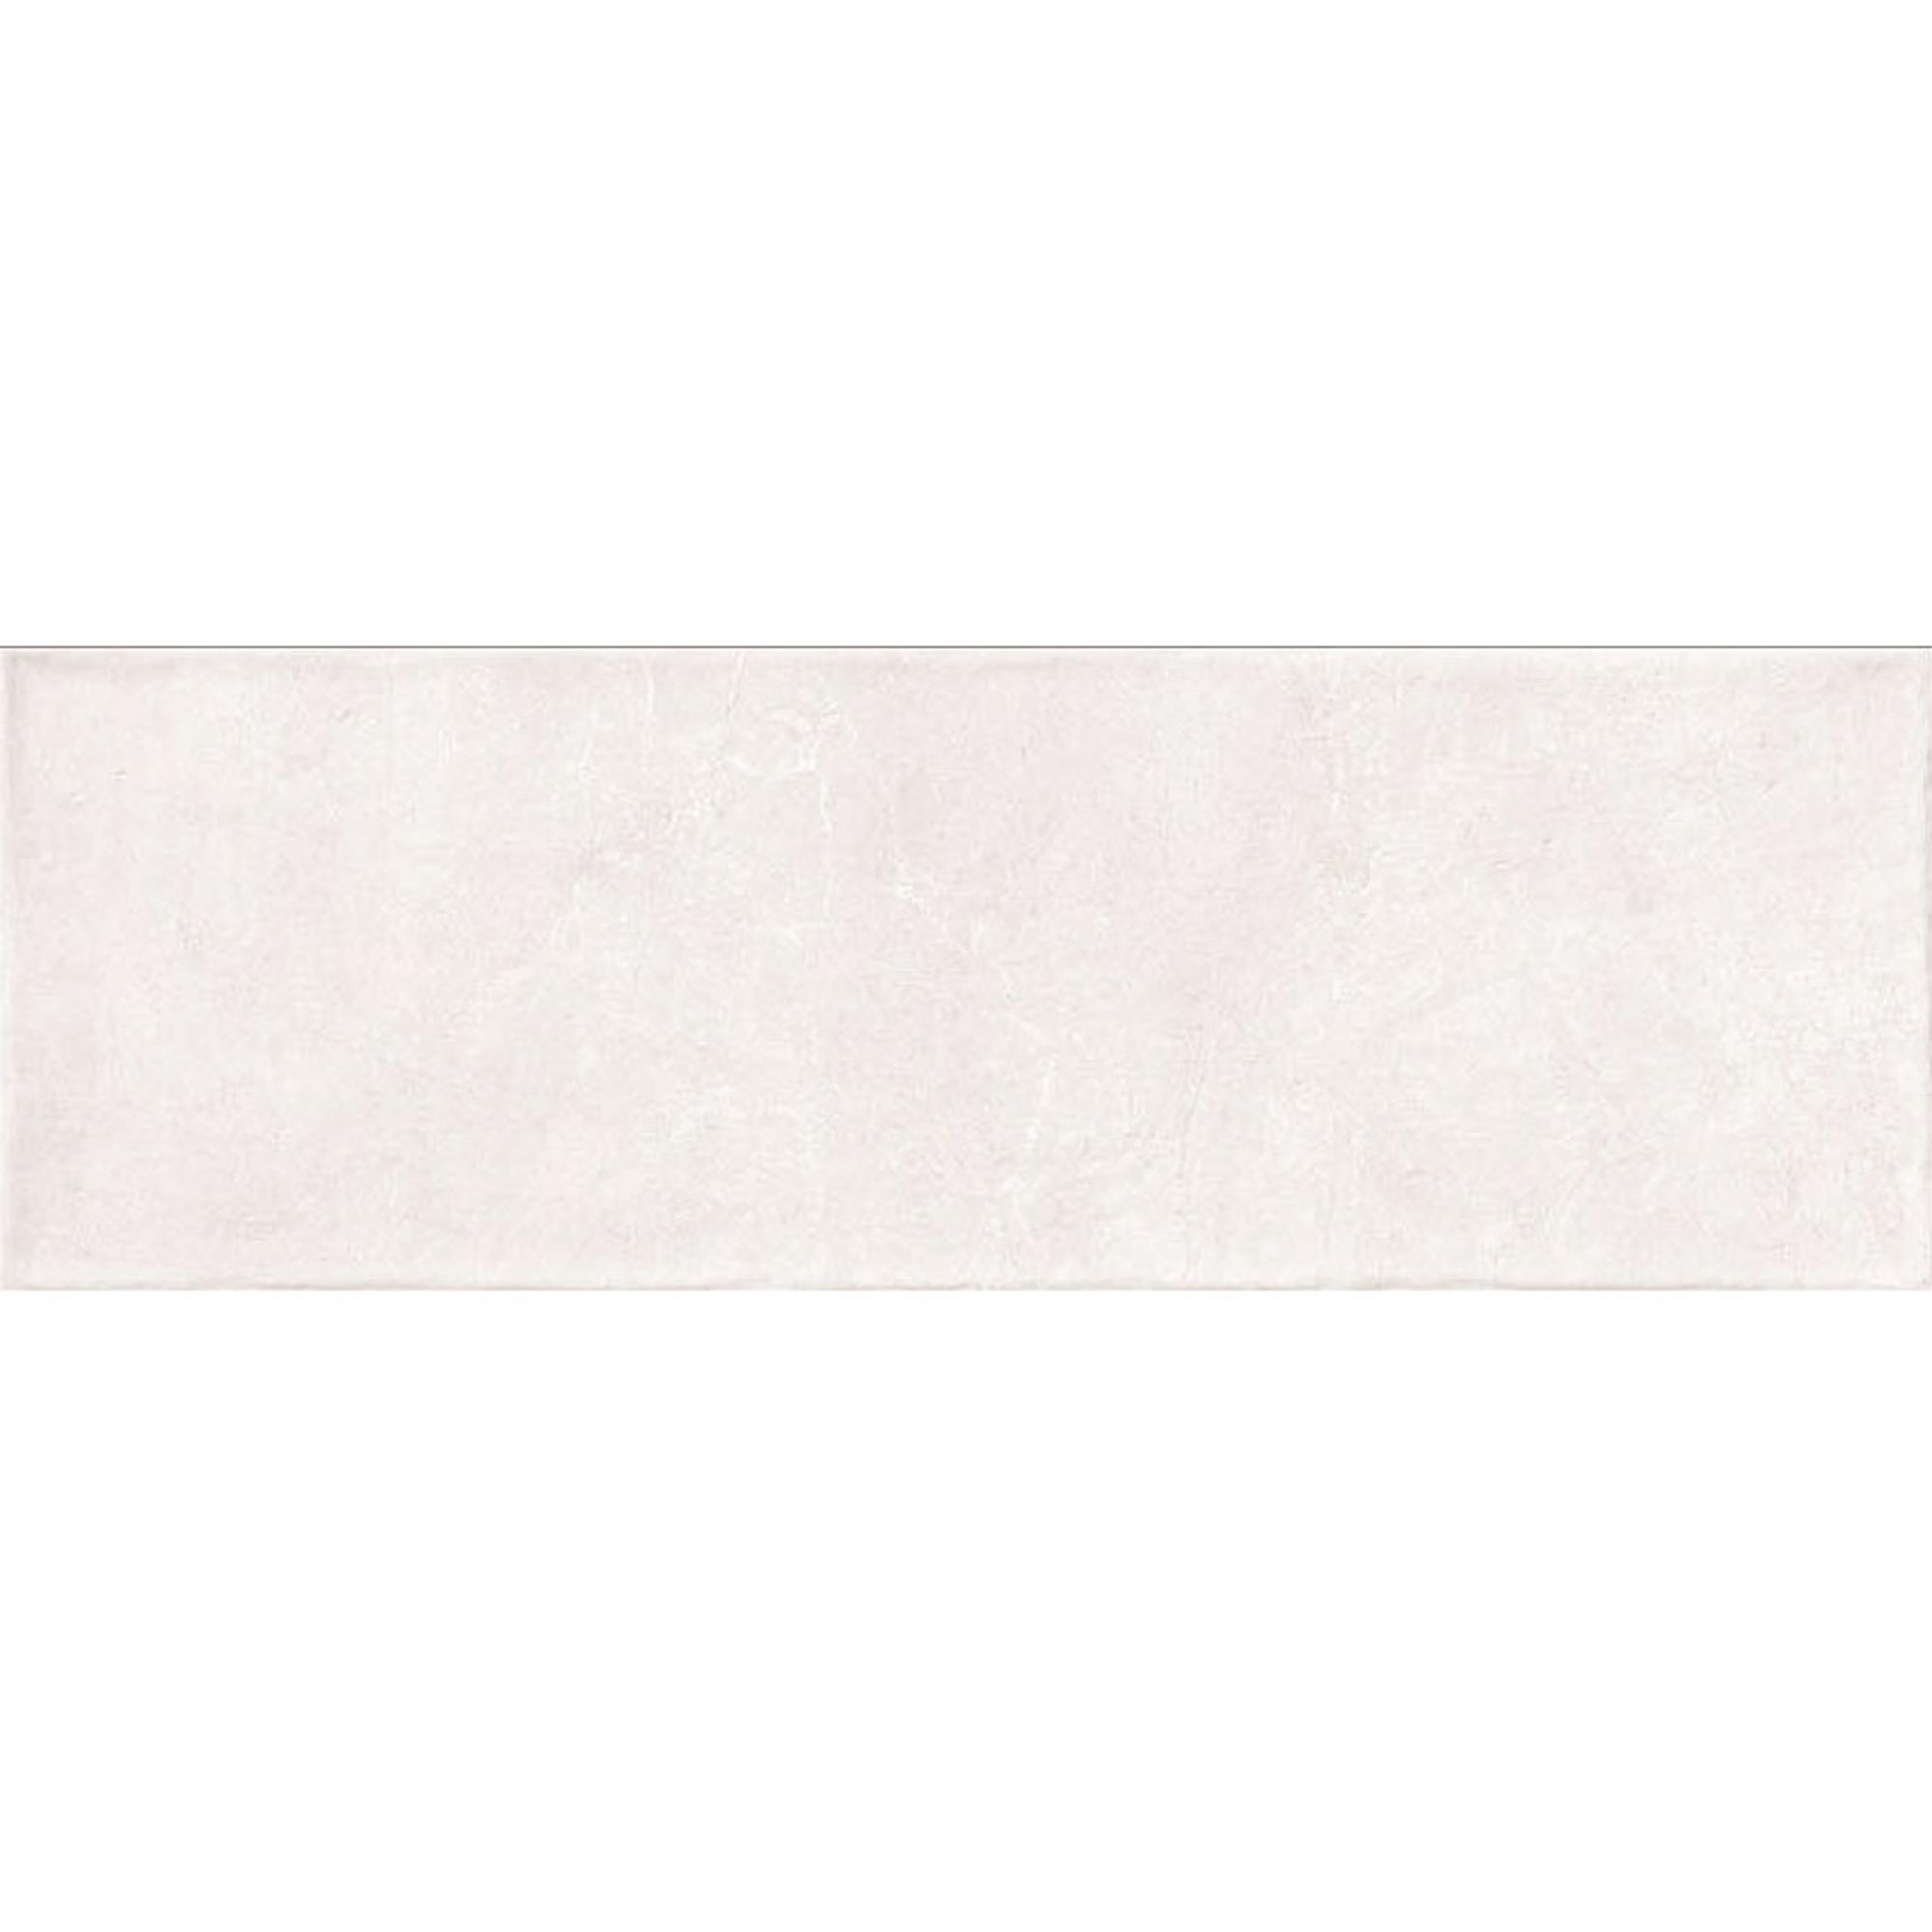 Плитка Emigres Chiara Blanco 25x75 см керамическая плитка porcelanosa marmol carrara blanco p34705131 настенная 31 6х90 см